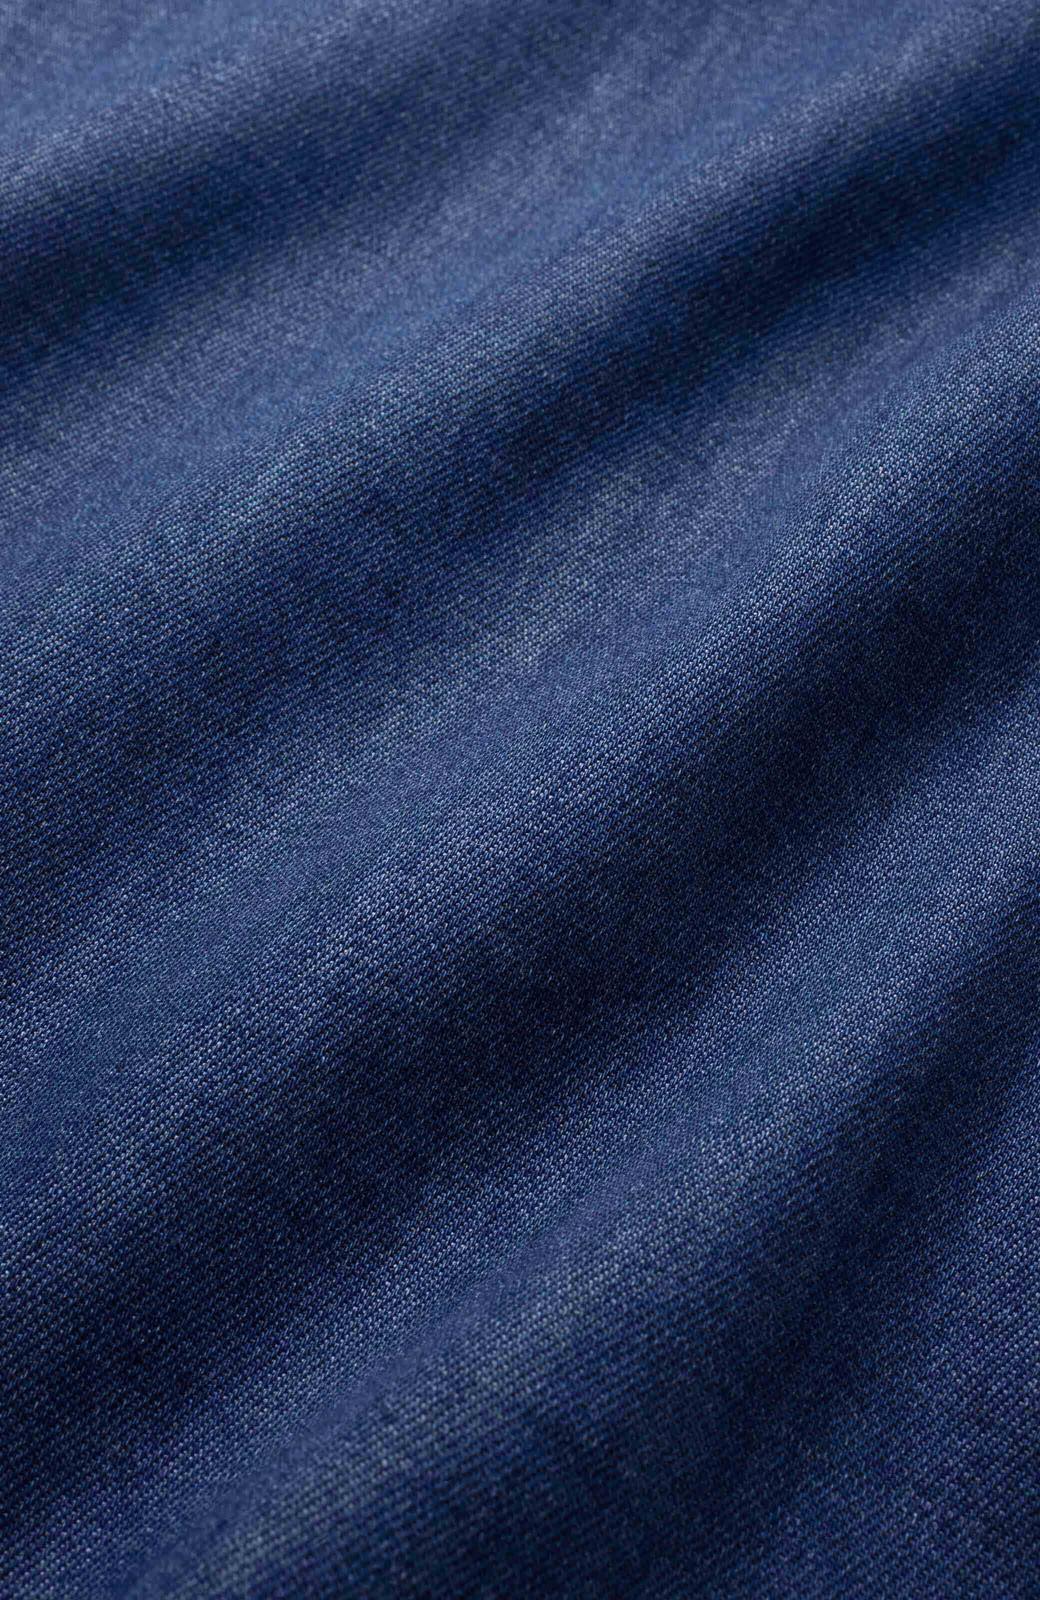 nusy やわらか麻混デニム素材のビッグプリーツジャンパースカート <インディゴブルー>の商品写真2